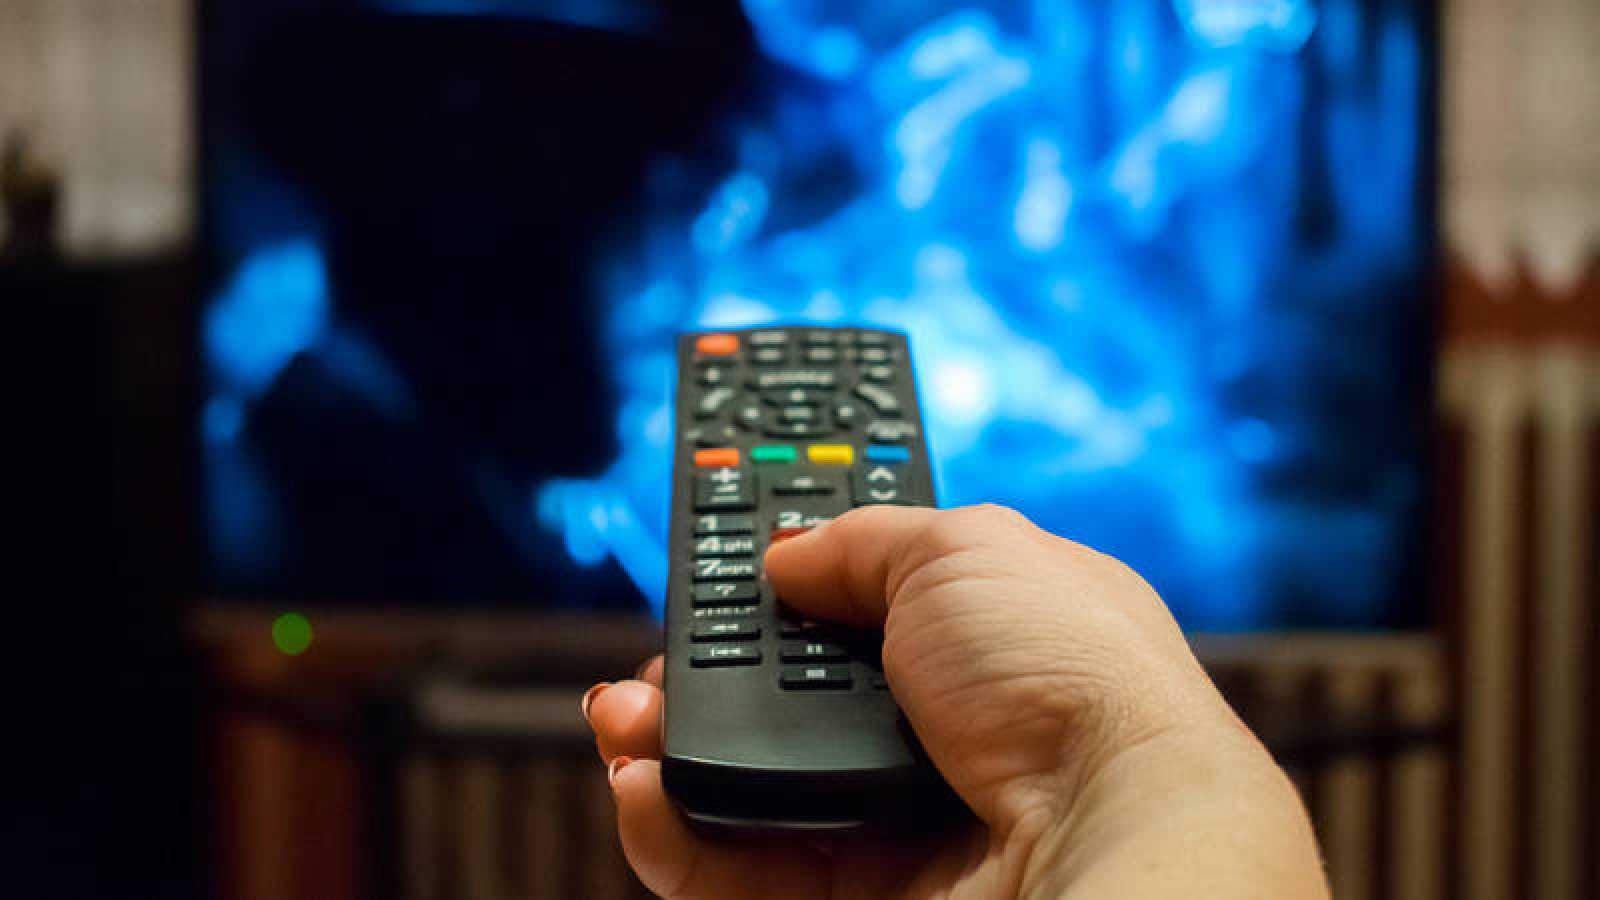 Una persona cambia de canal en su televisor.